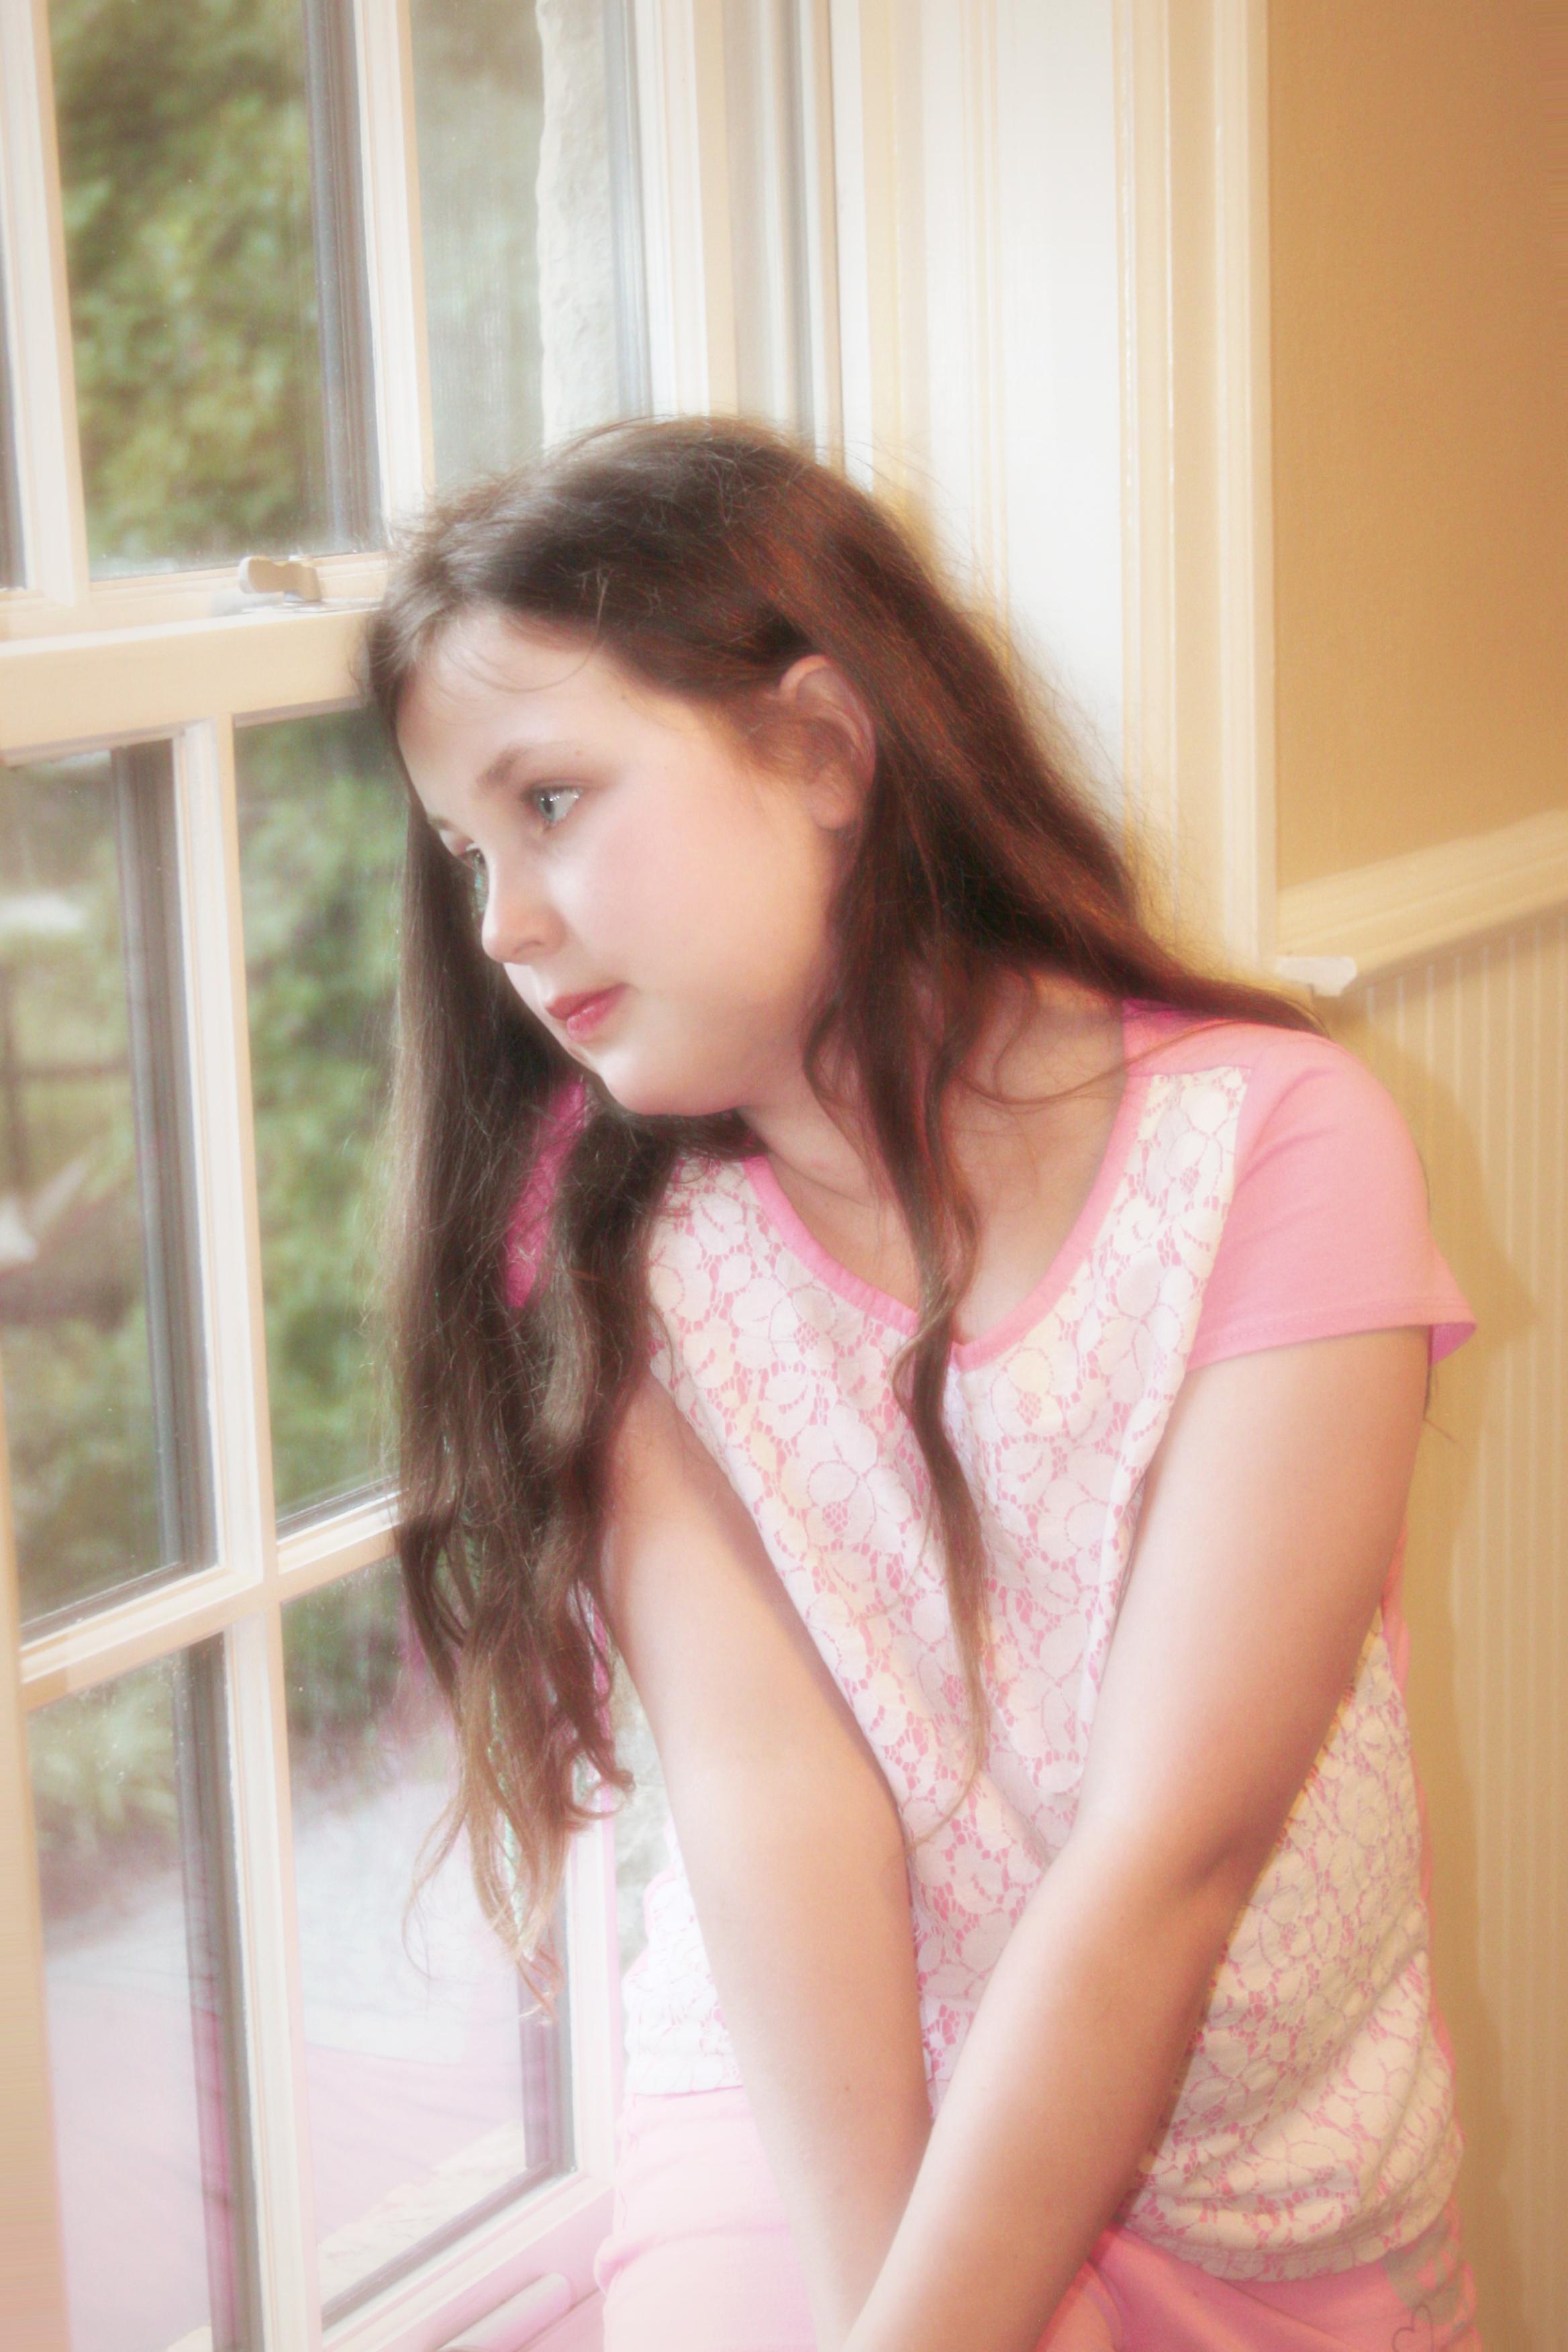 Healing the voids left from unmet childhood needs